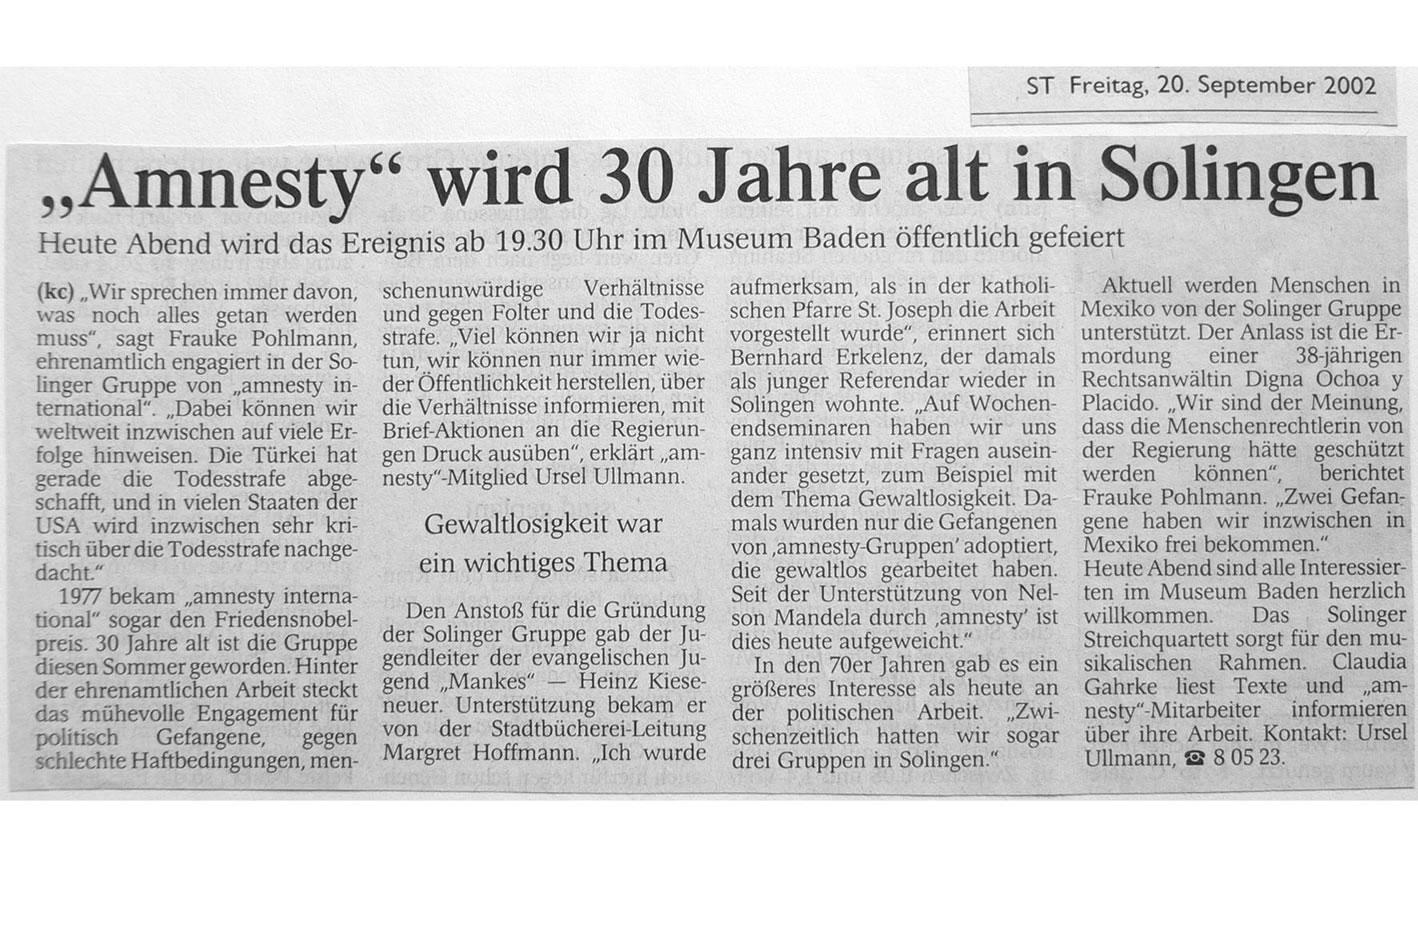 Solinger Tageblatt 09/02: Feier 30 Jahre ai-Gruppe Solingen